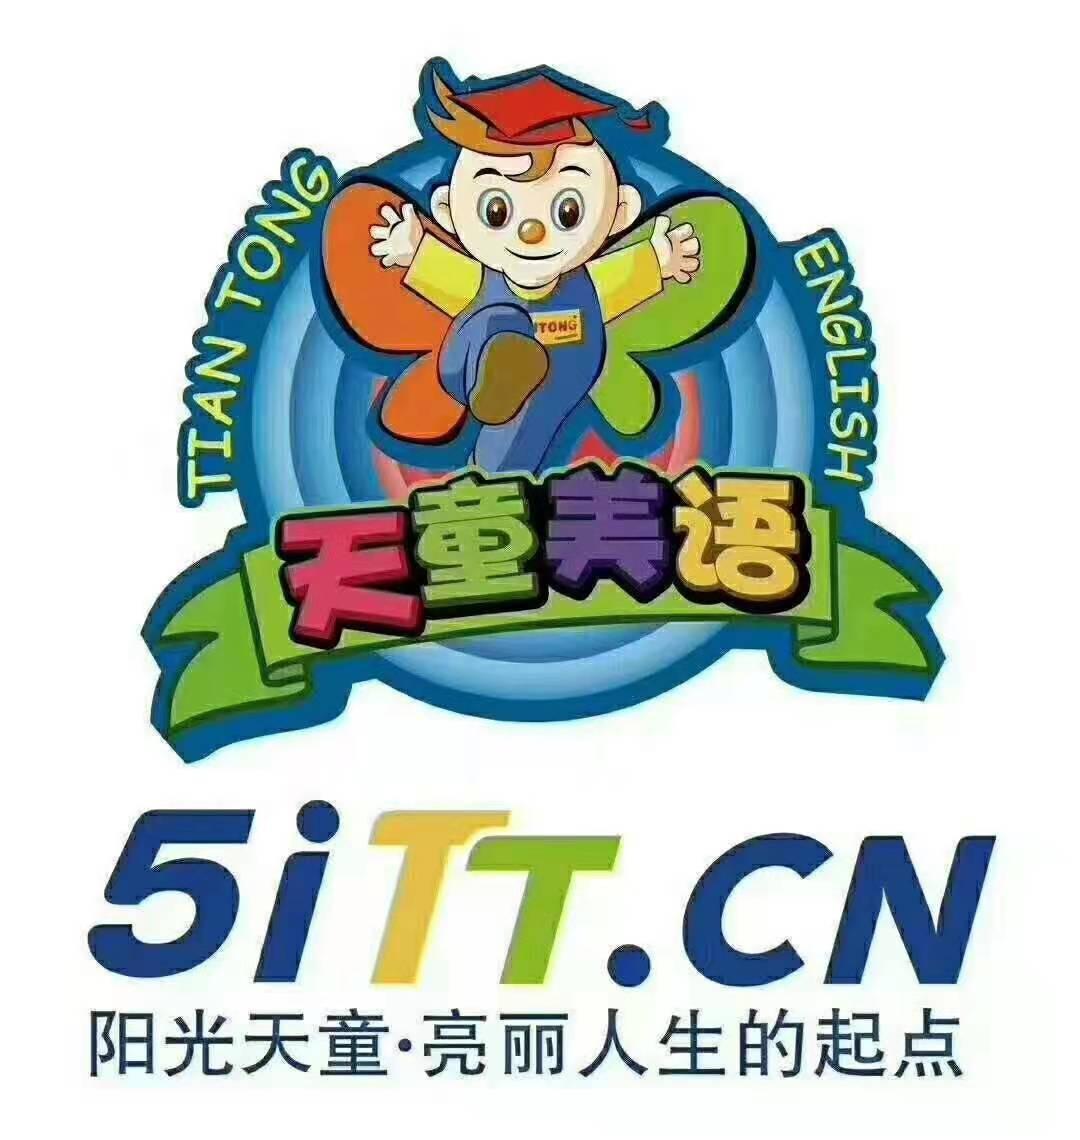 西安莲湖天童美语培训中心有限公司-高新校区